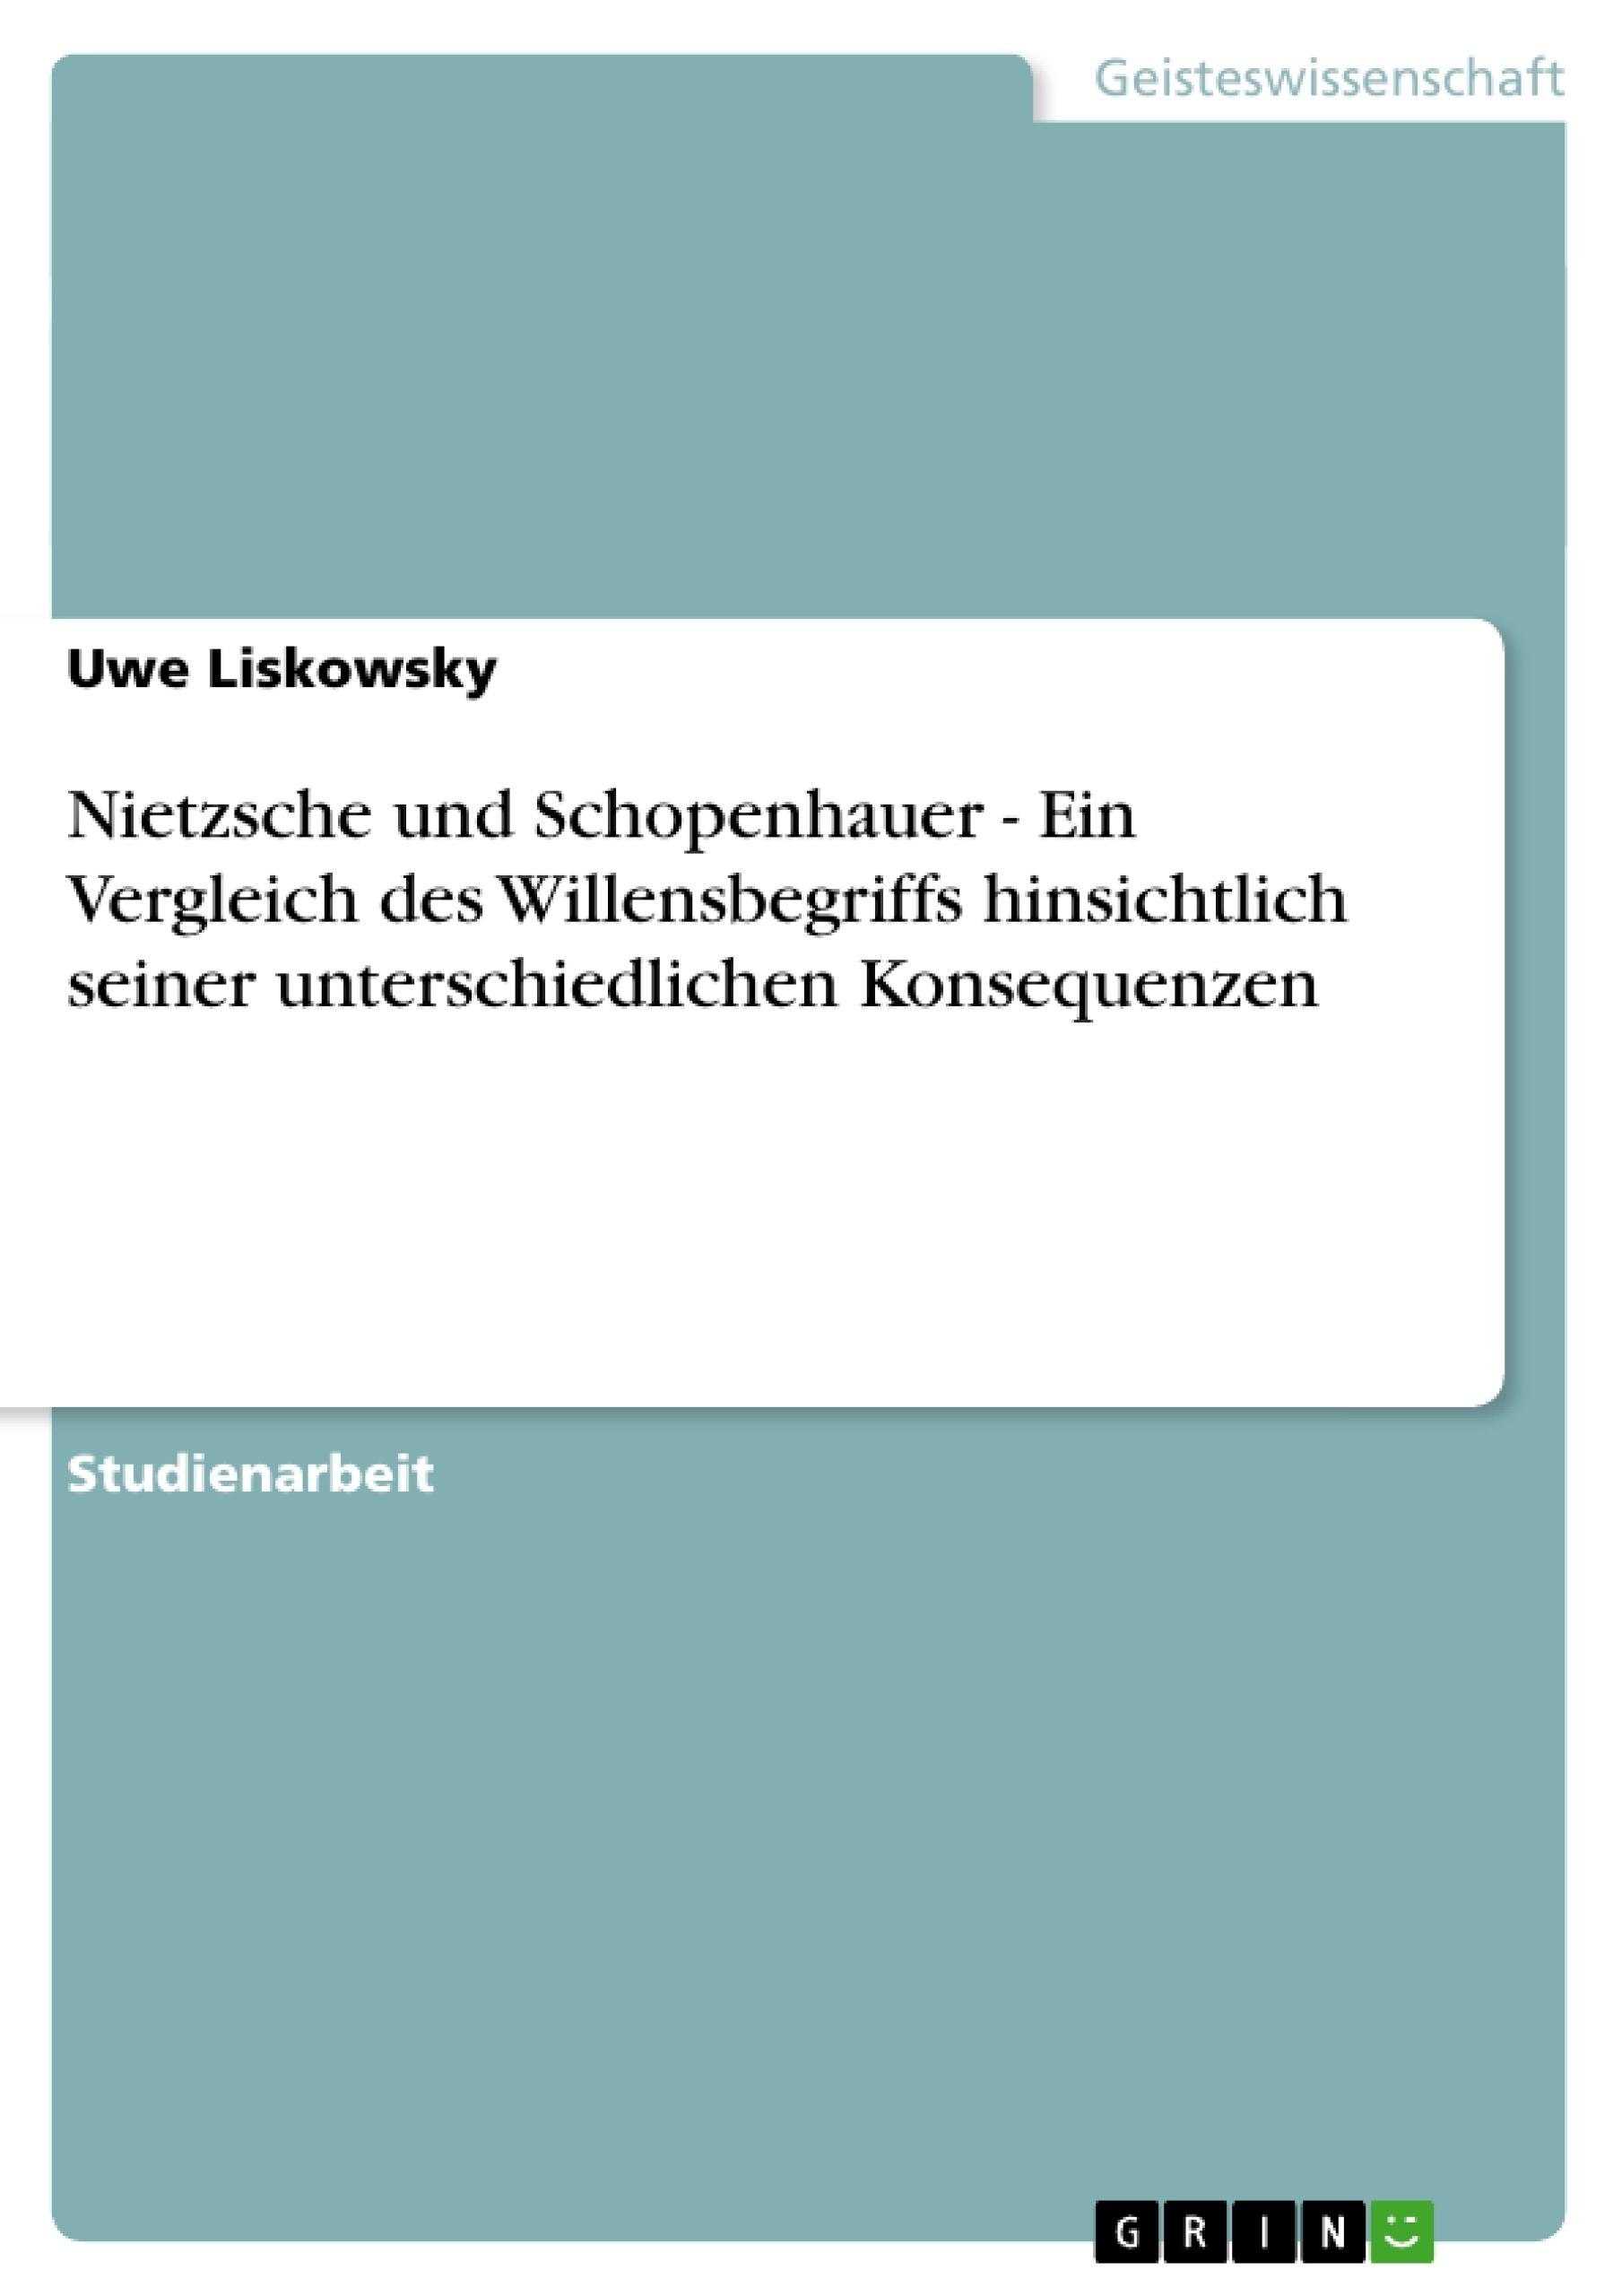 Titel: Nietzsche und Schopenhauer - Ein Vergleich des Willensbegriffs hinsichtlich seiner unterschiedlichen Konsequenzen